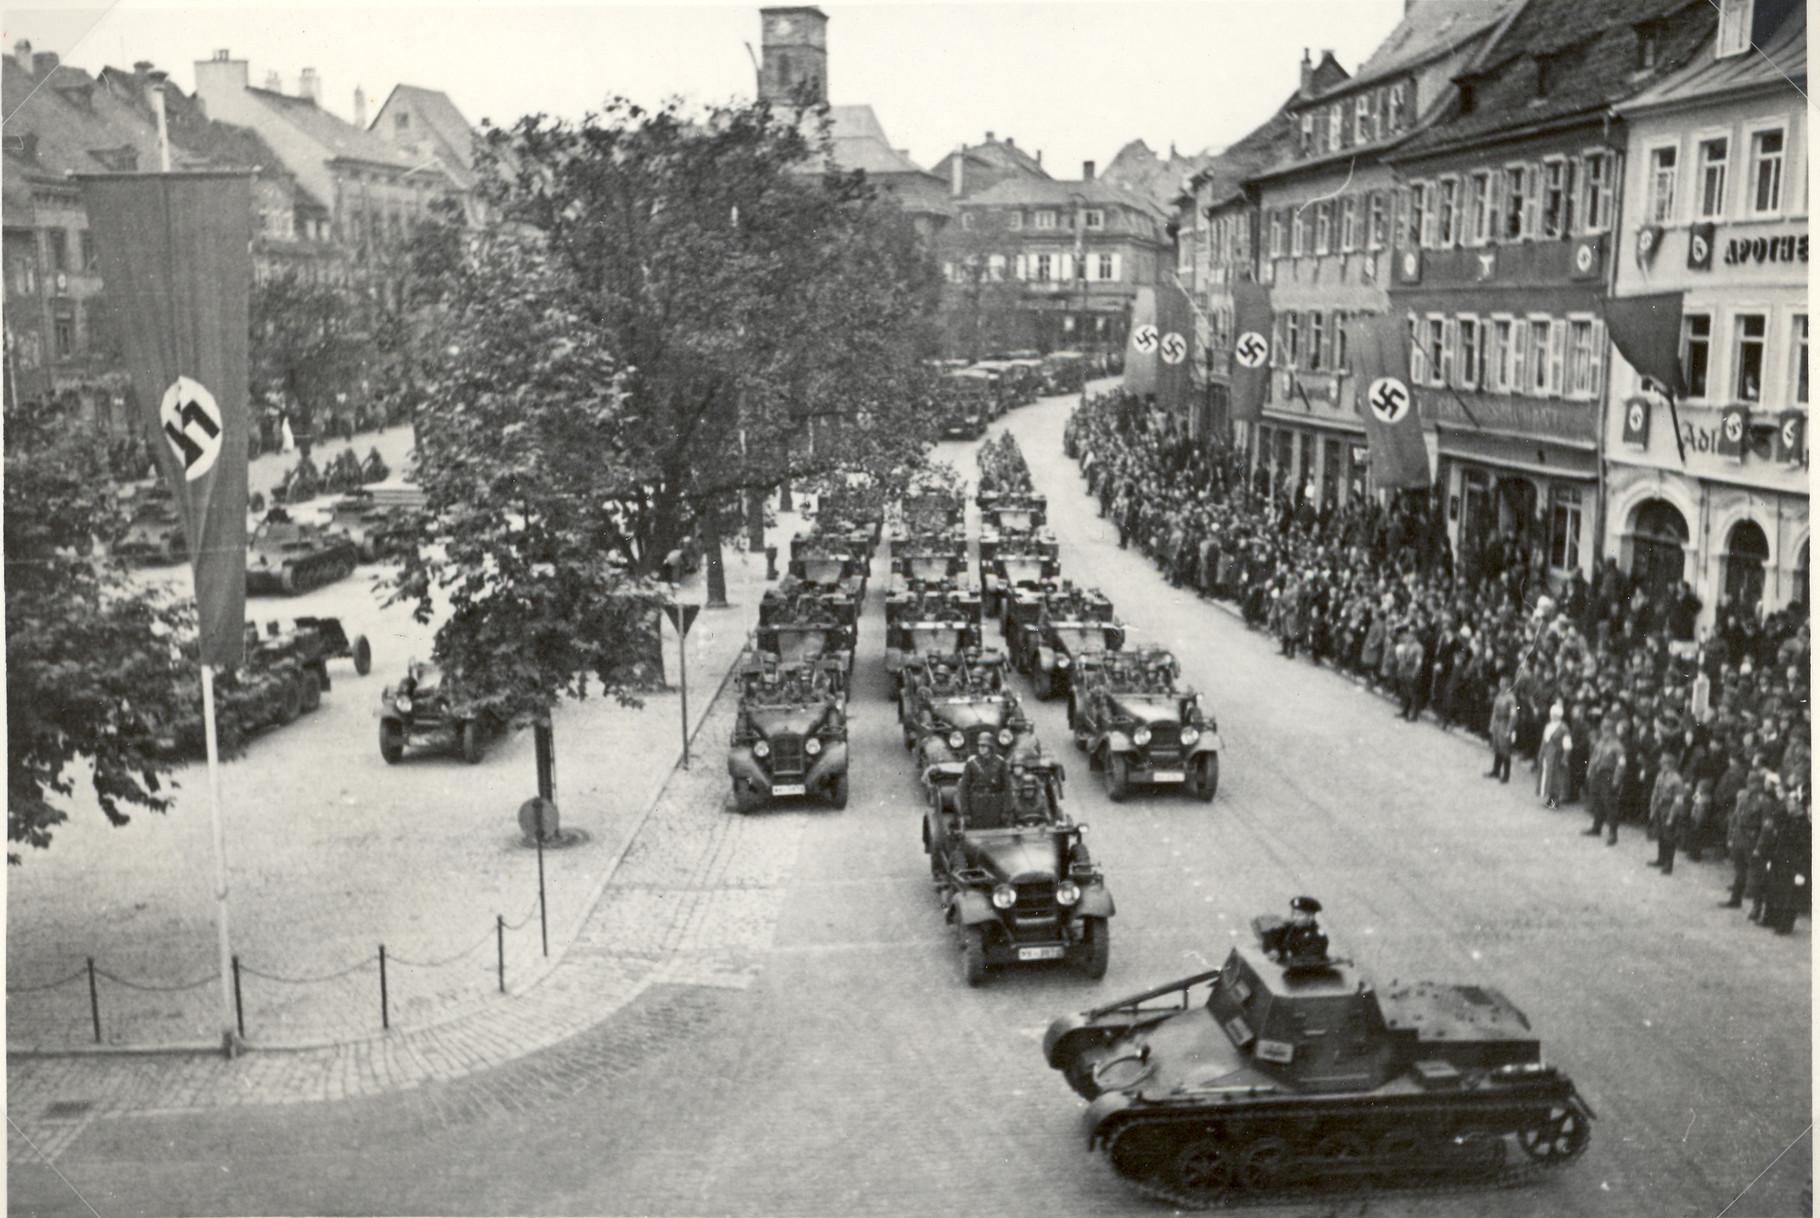 Panzerparade des Regiments 4 auf dem Marktplatz